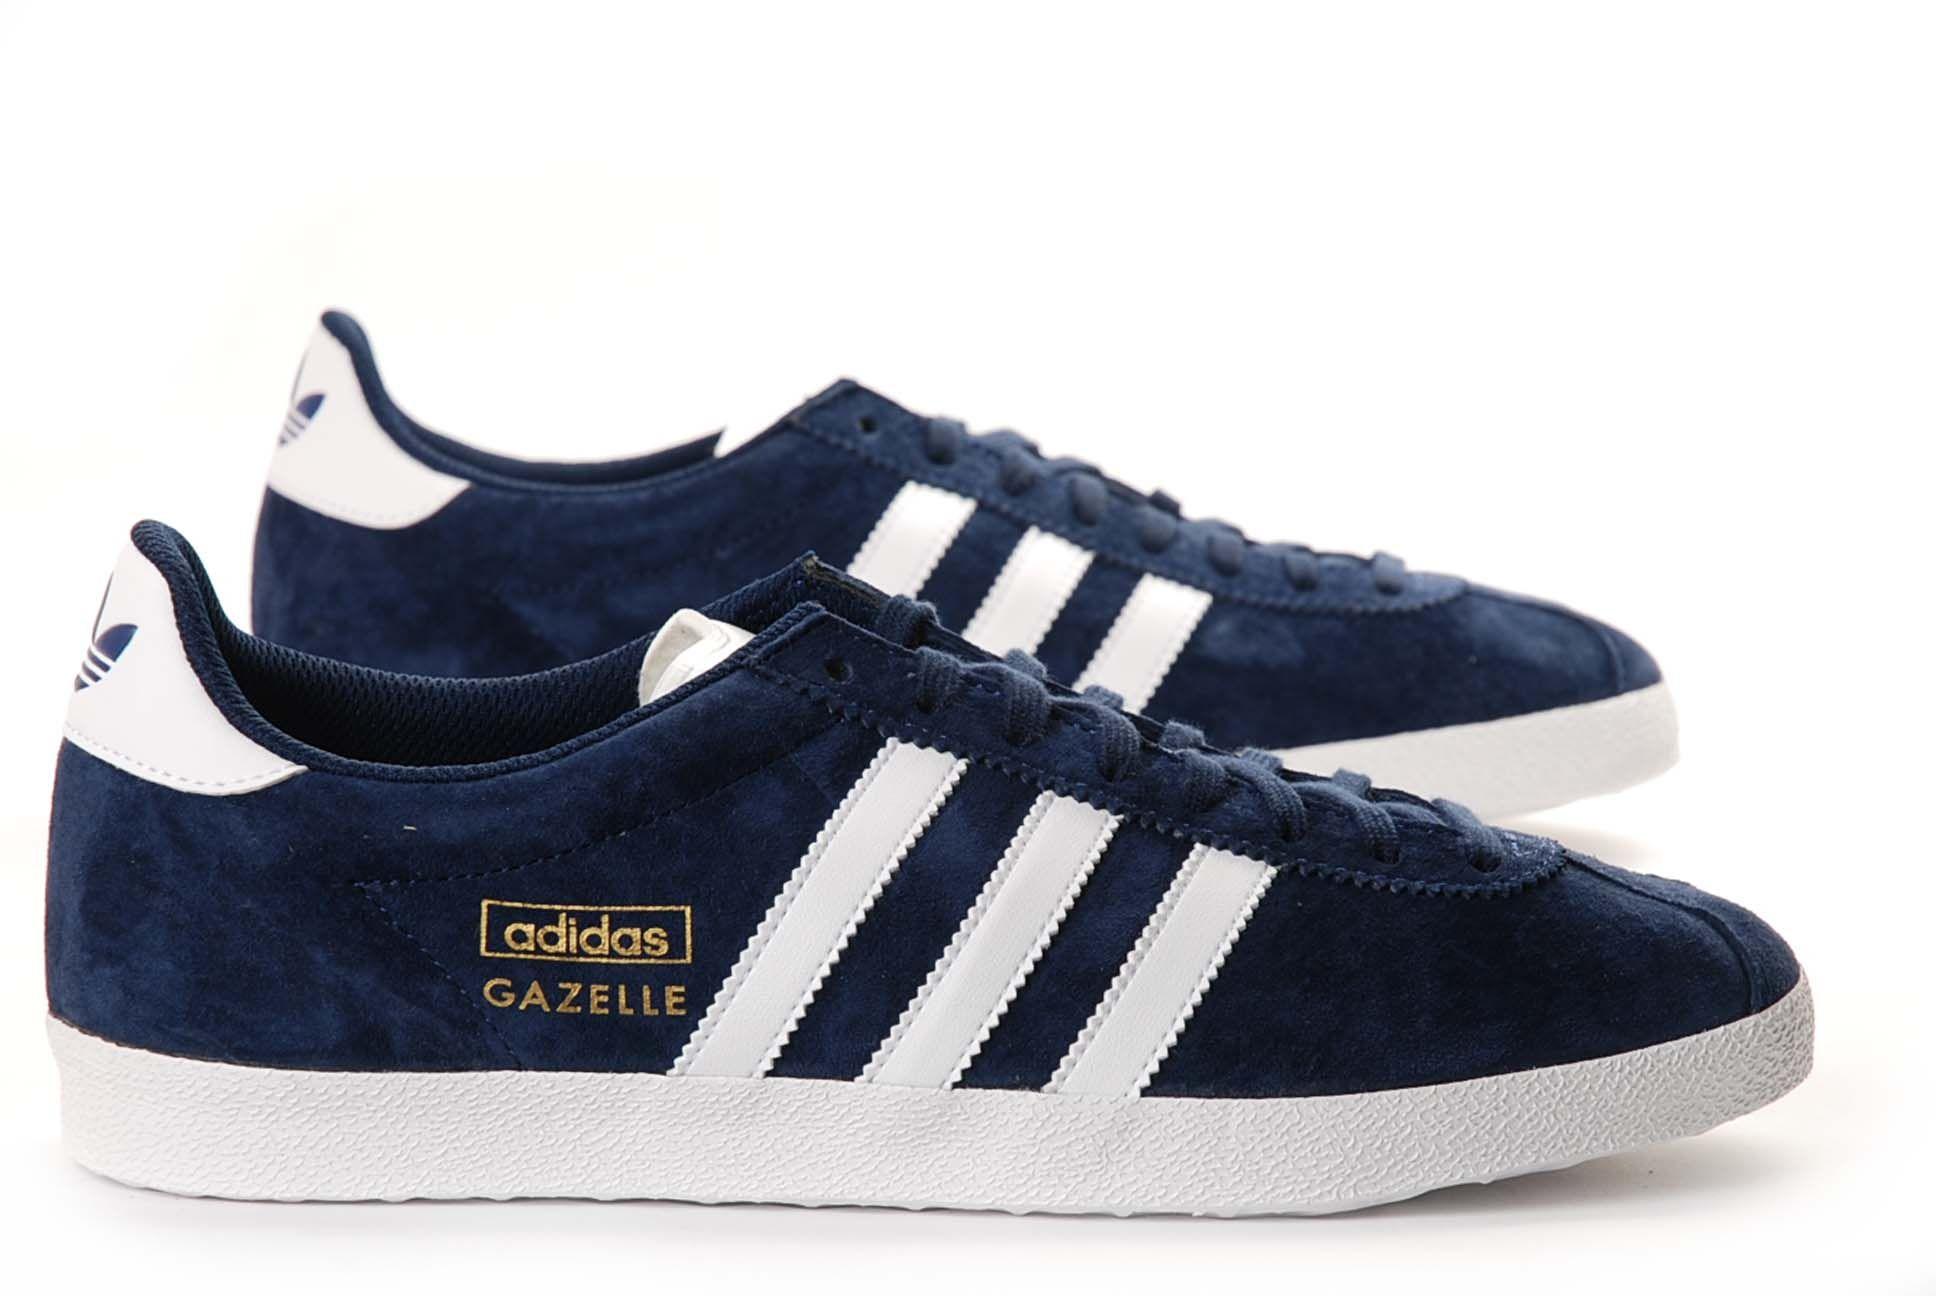 Adidas Gazelle OG Bleu Marine | Chaussure et Mode